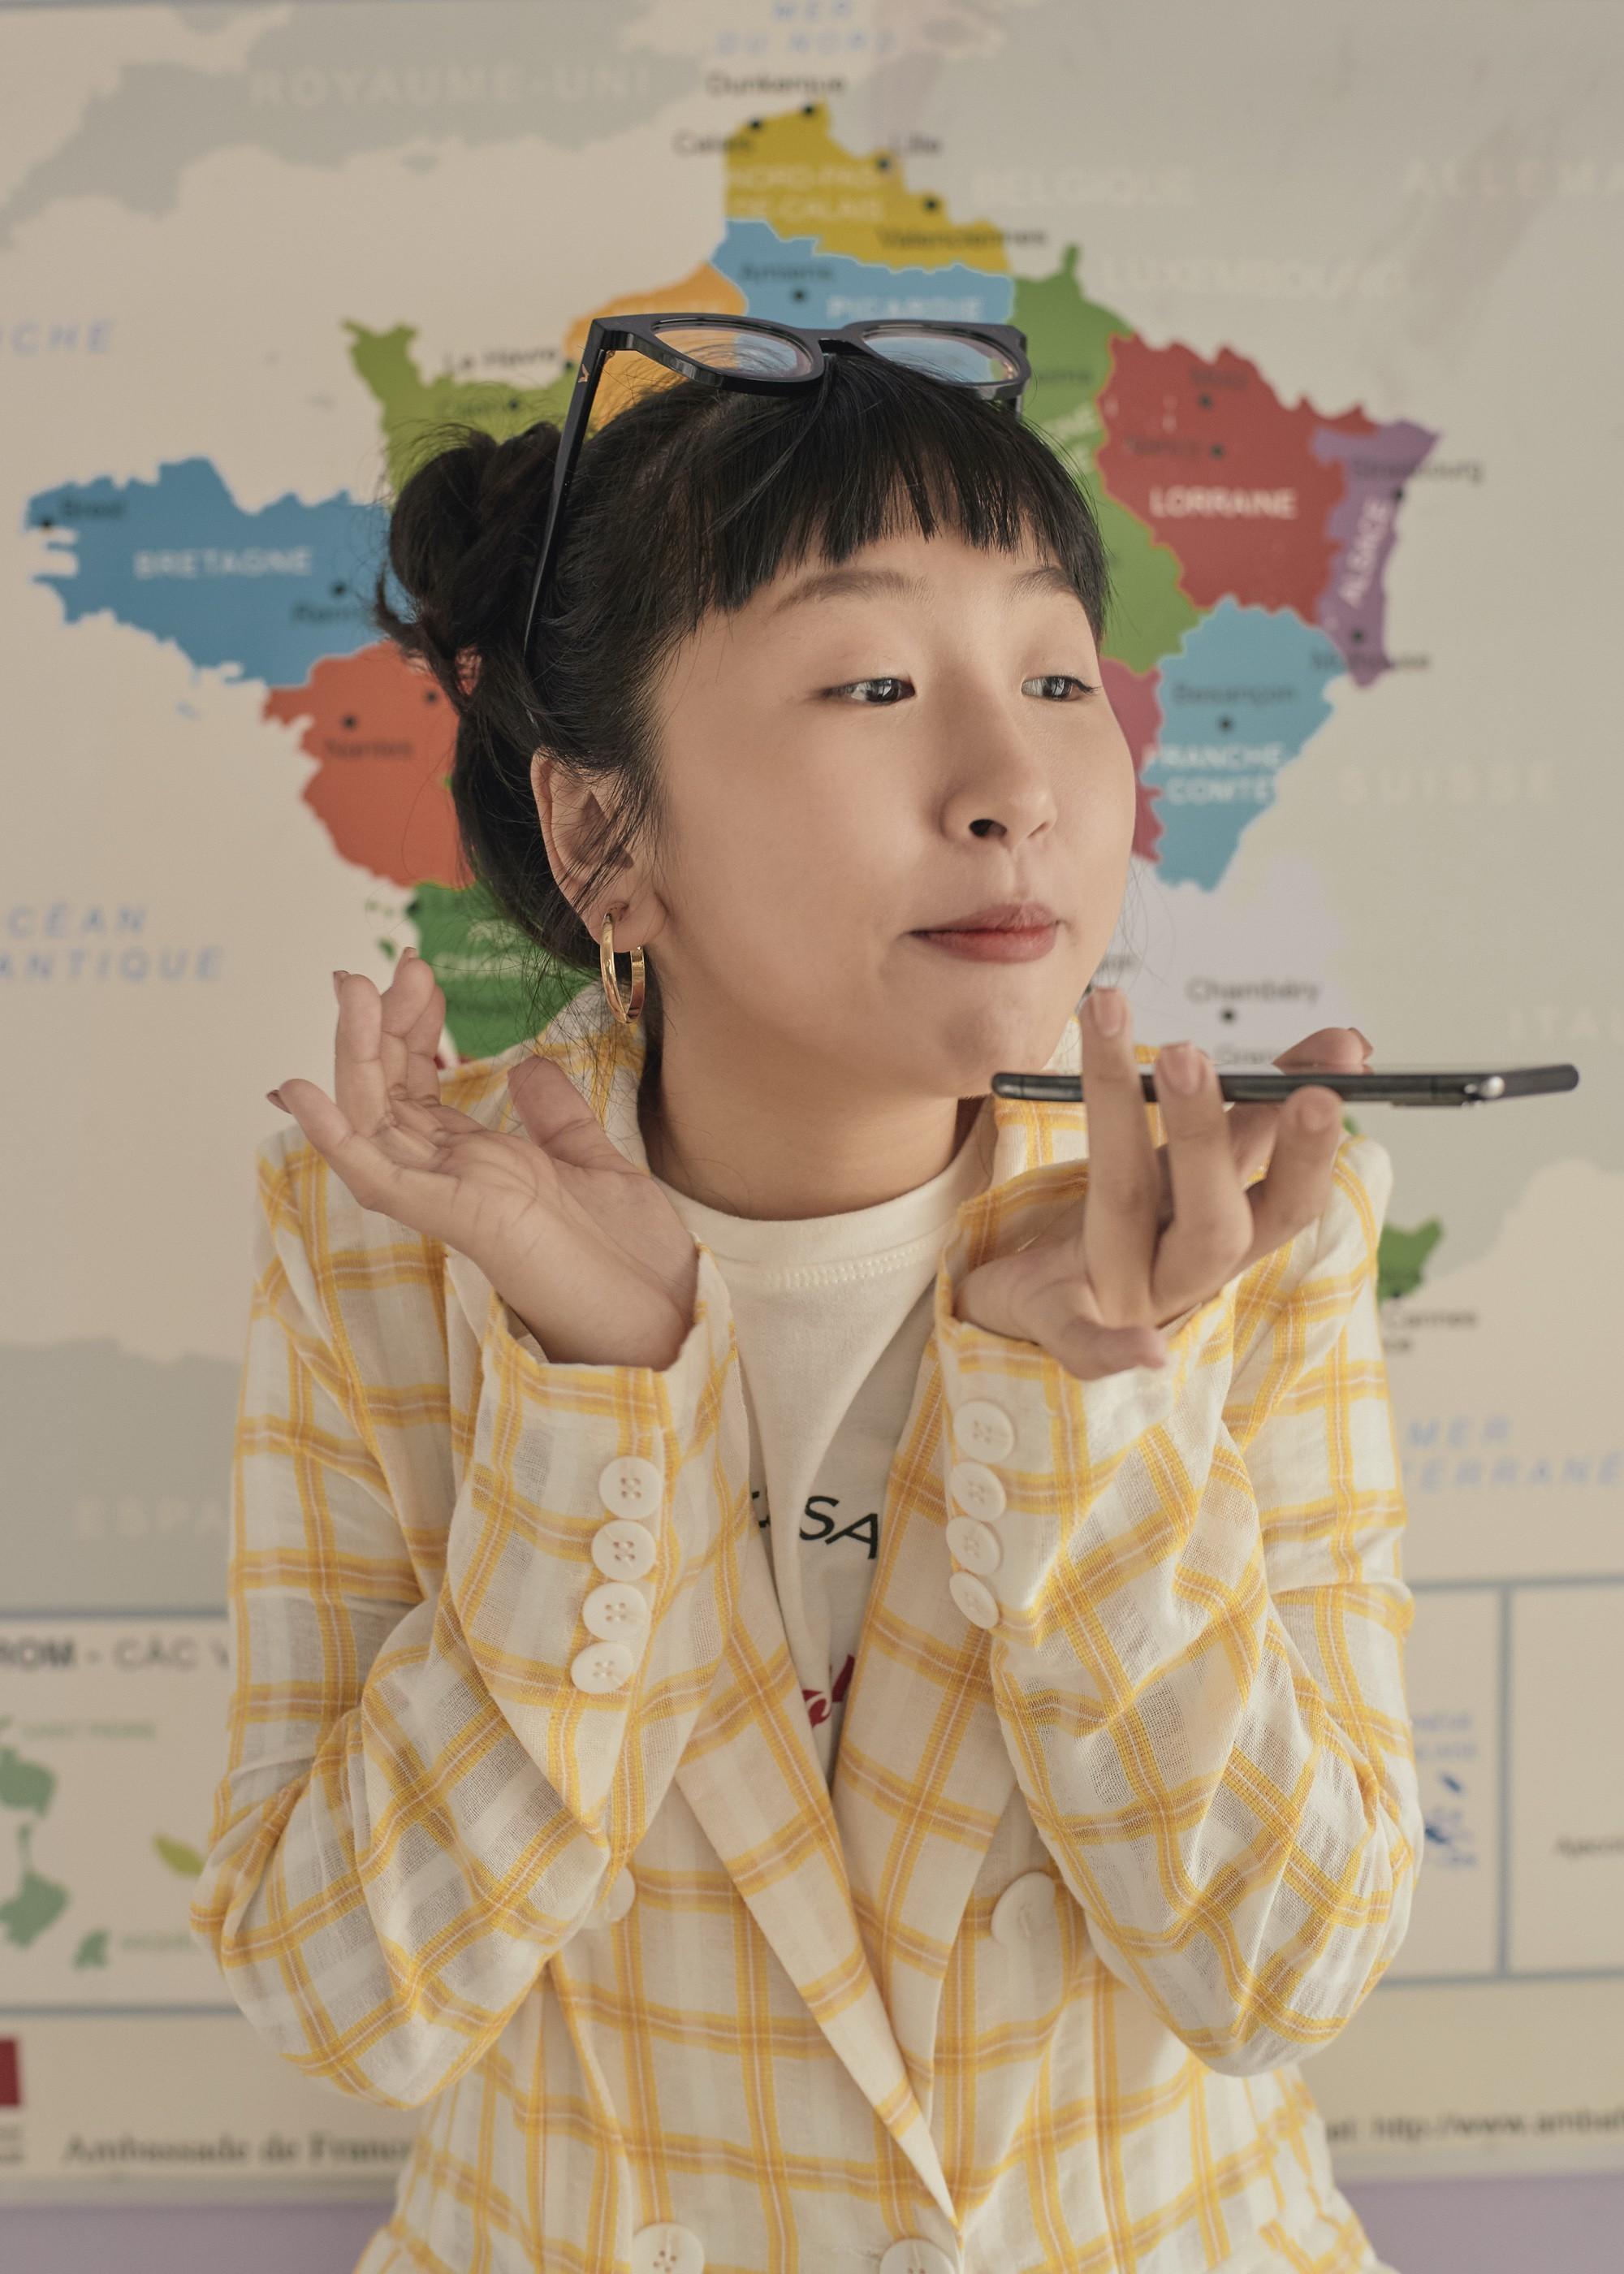 Hồn Papa, Da Con Gái còn chưa nguội, Kaity Nguyễn đã cùng nhóm bạn thân nổi loạn với web drama mới - Ảnh 5.